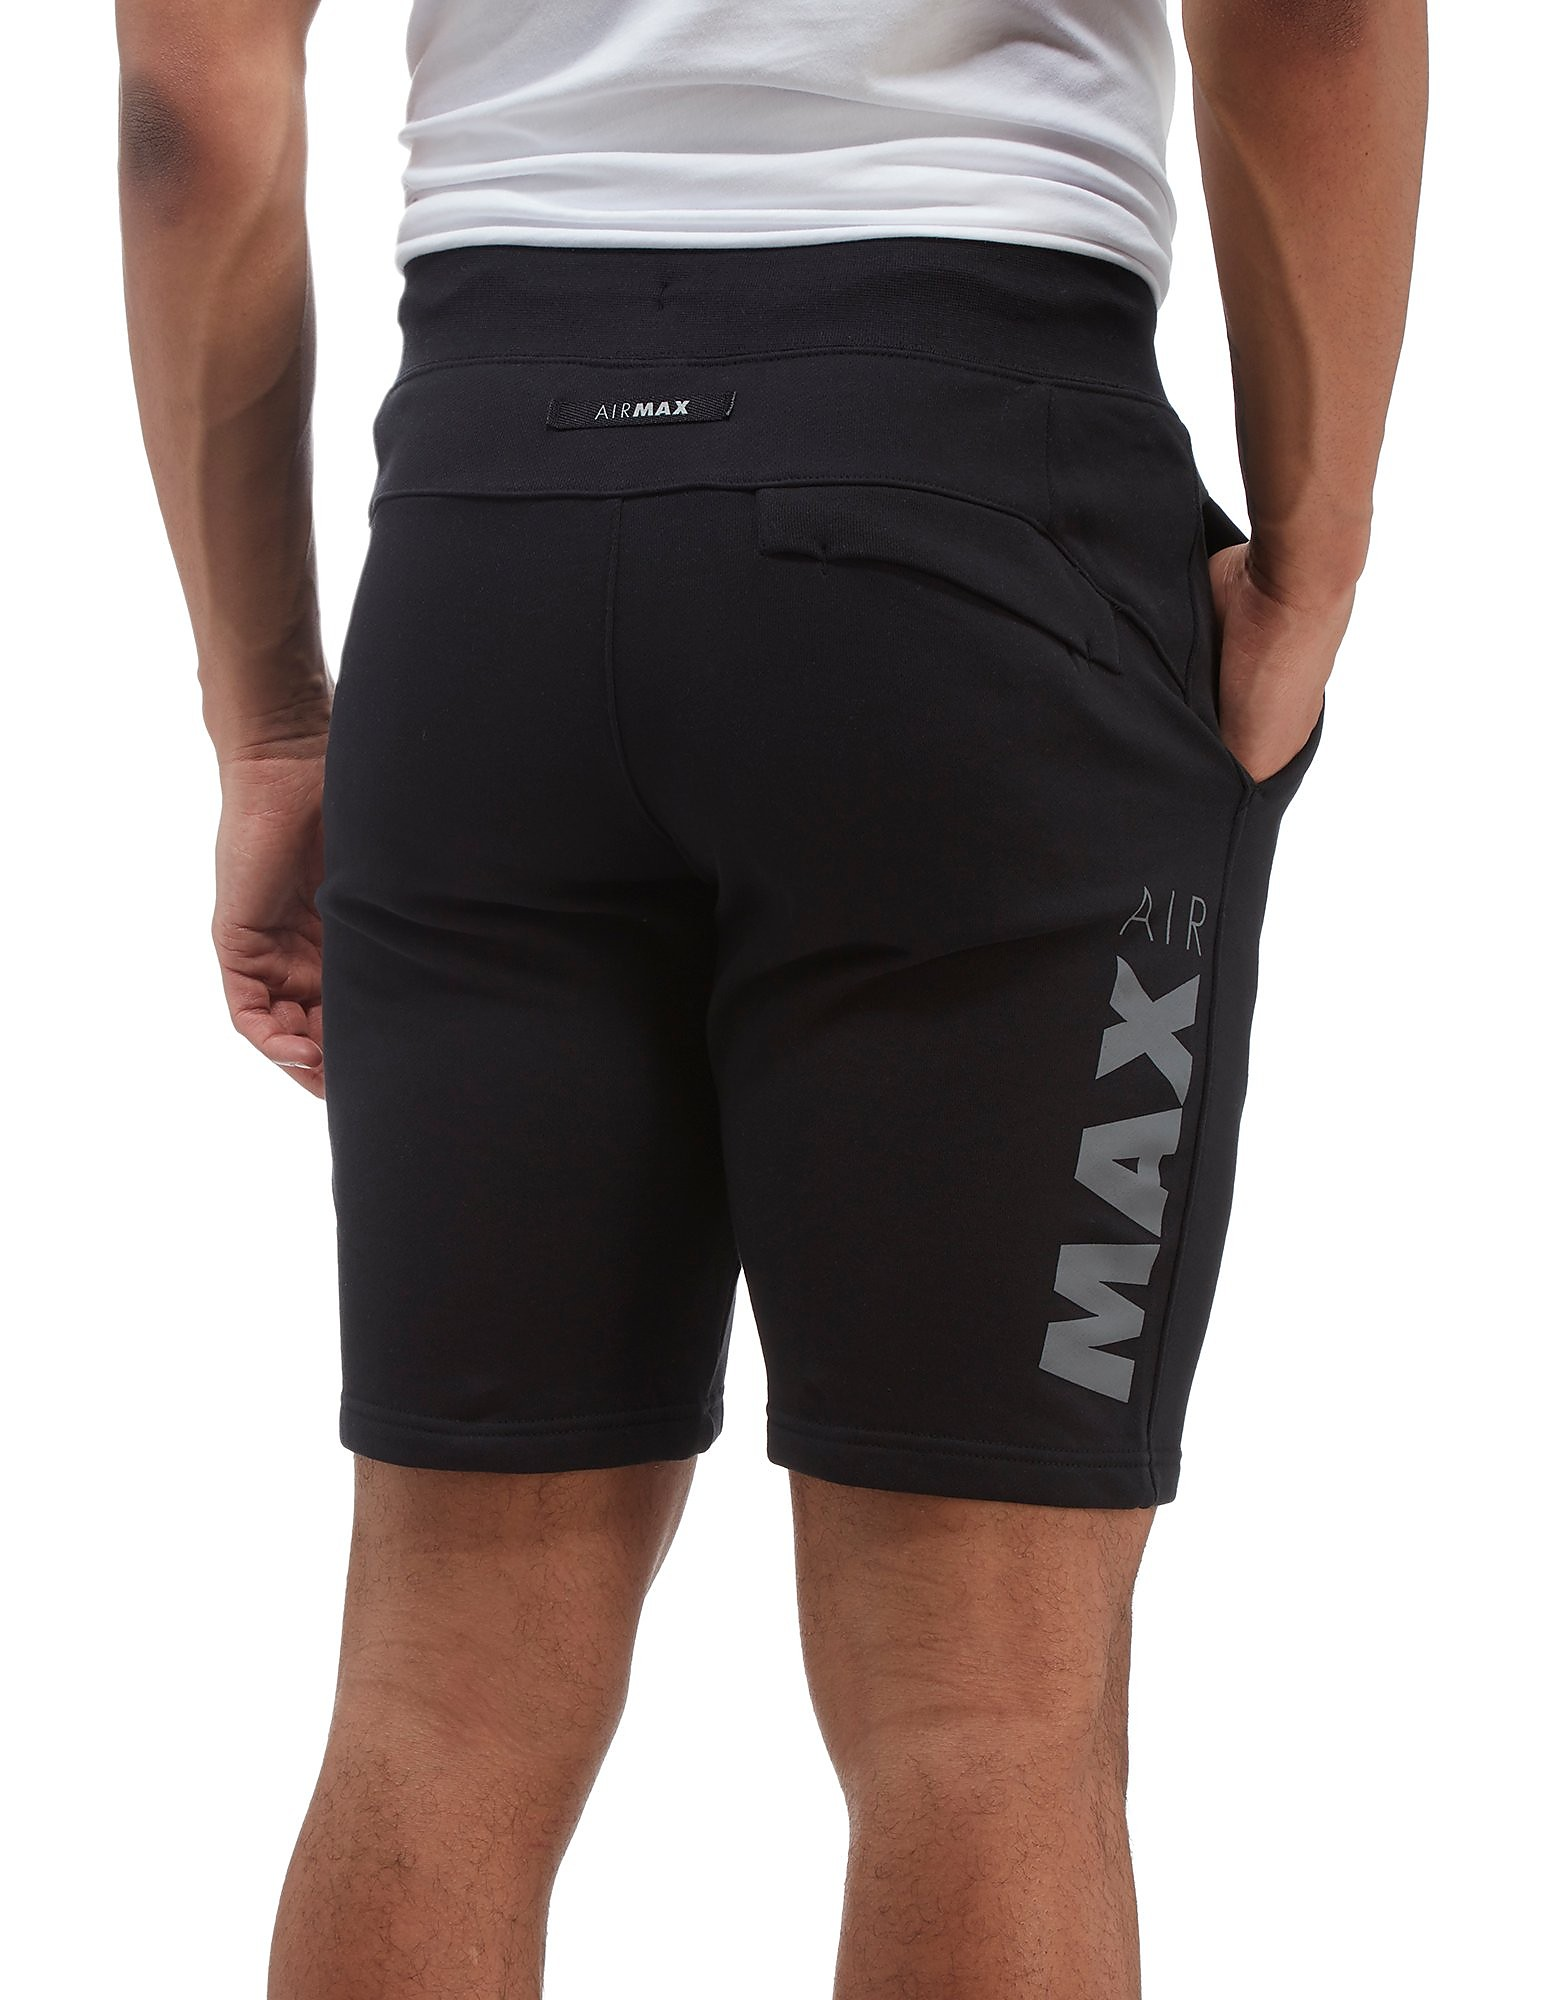 Nike Air Max FT Shorts